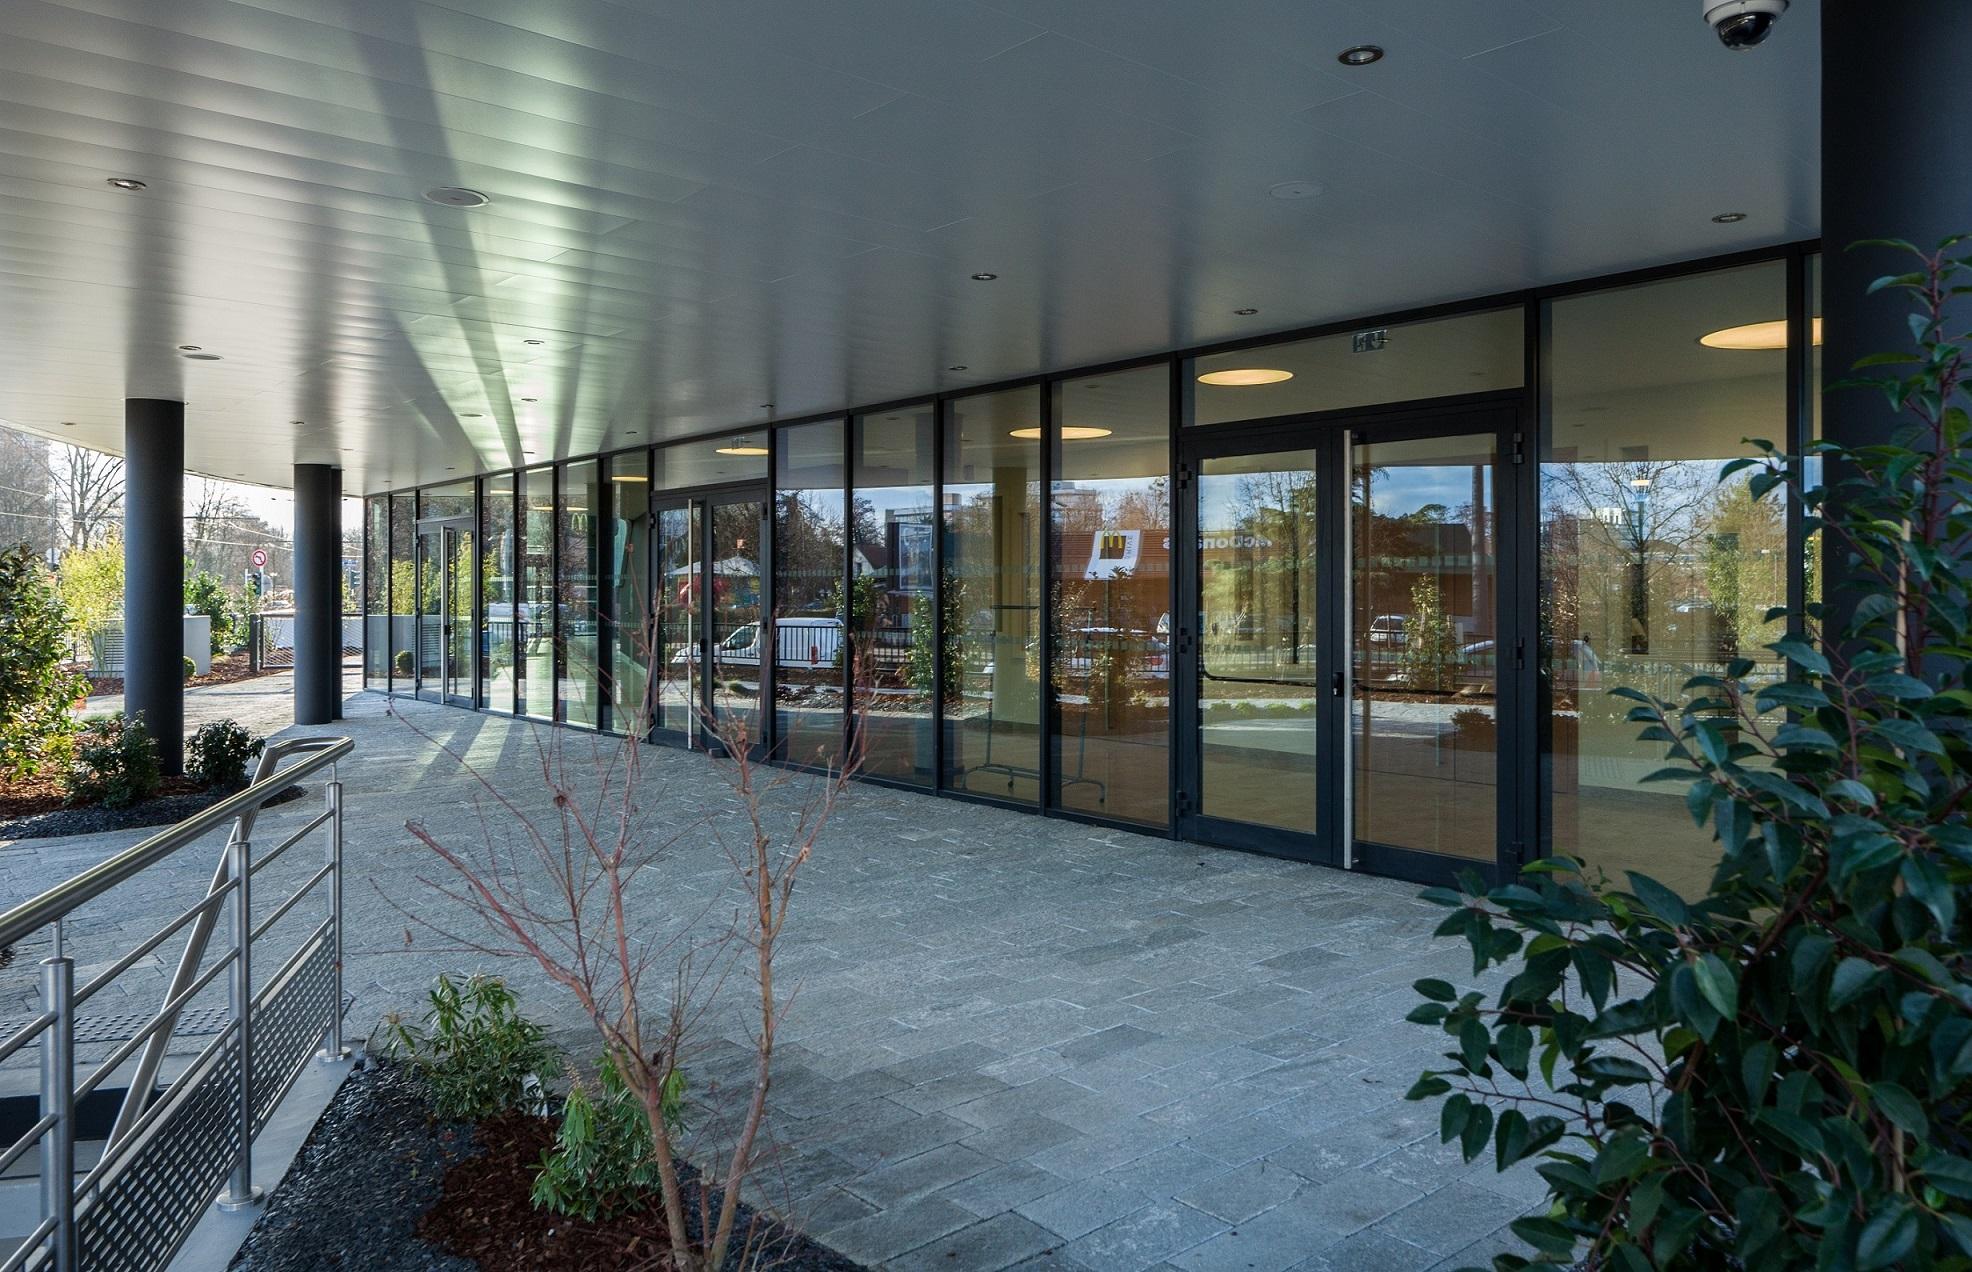 Espaces de r union centre de conf rences de l 39 aar pour for Comfaience de strasbourg